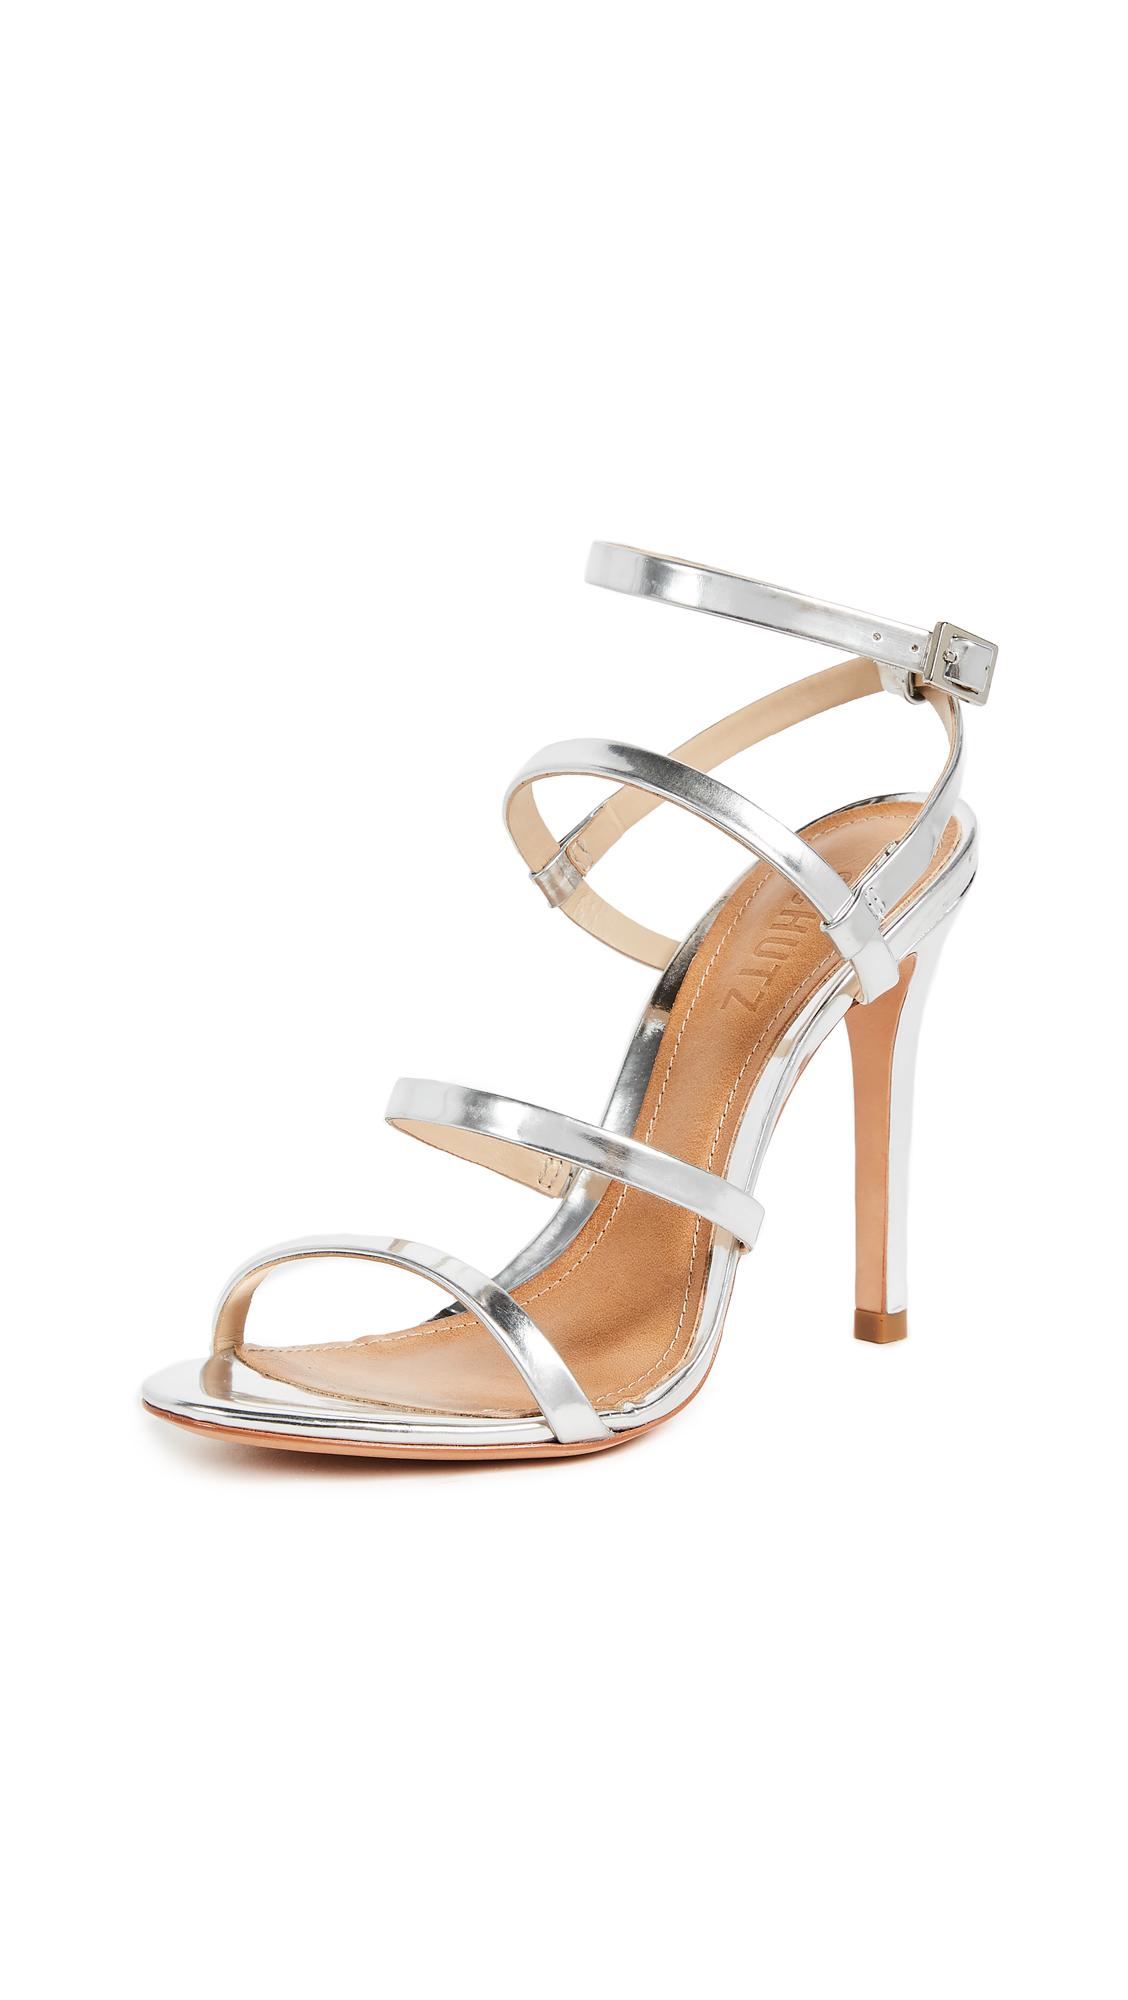 Schutz Ilara Strappy Sandals - Prata